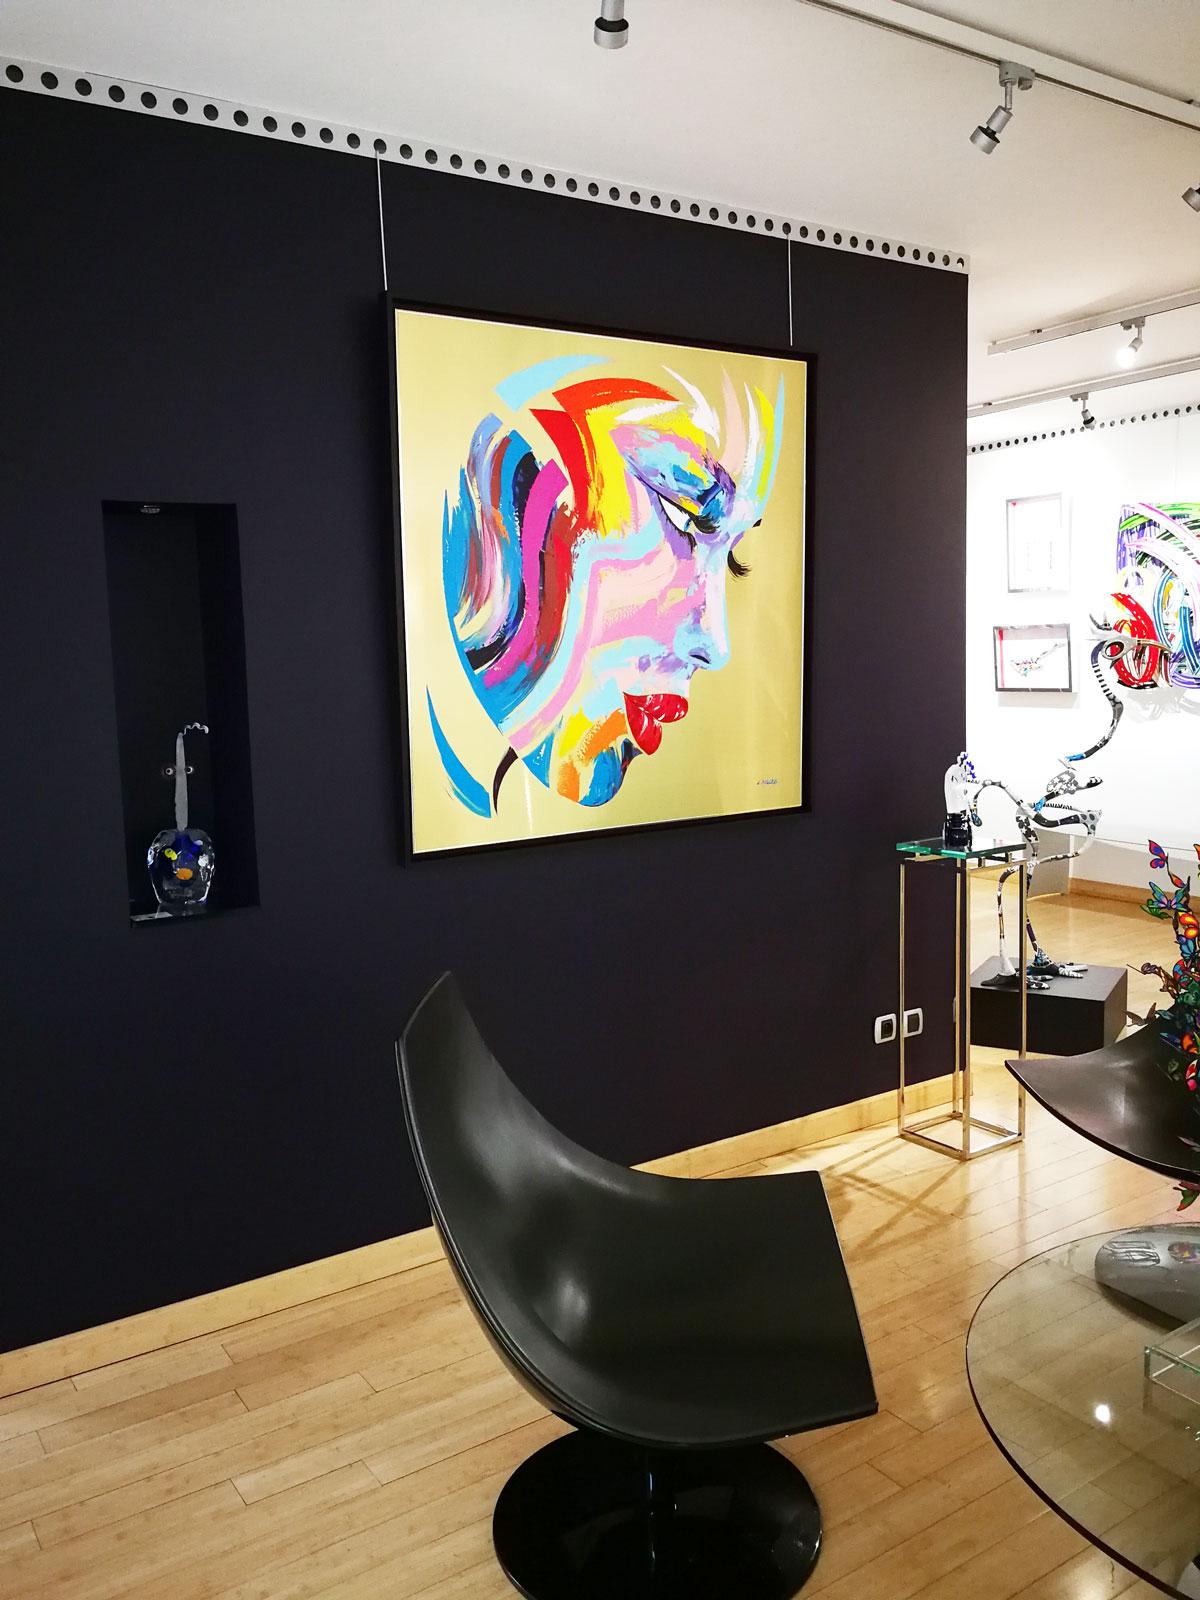 Escape Paris Beautiful Interior Design Showrooms In Lyon: Nuances et Lumiere - www.AuthenticInterior.com INTERIOR DESIGN BLOG